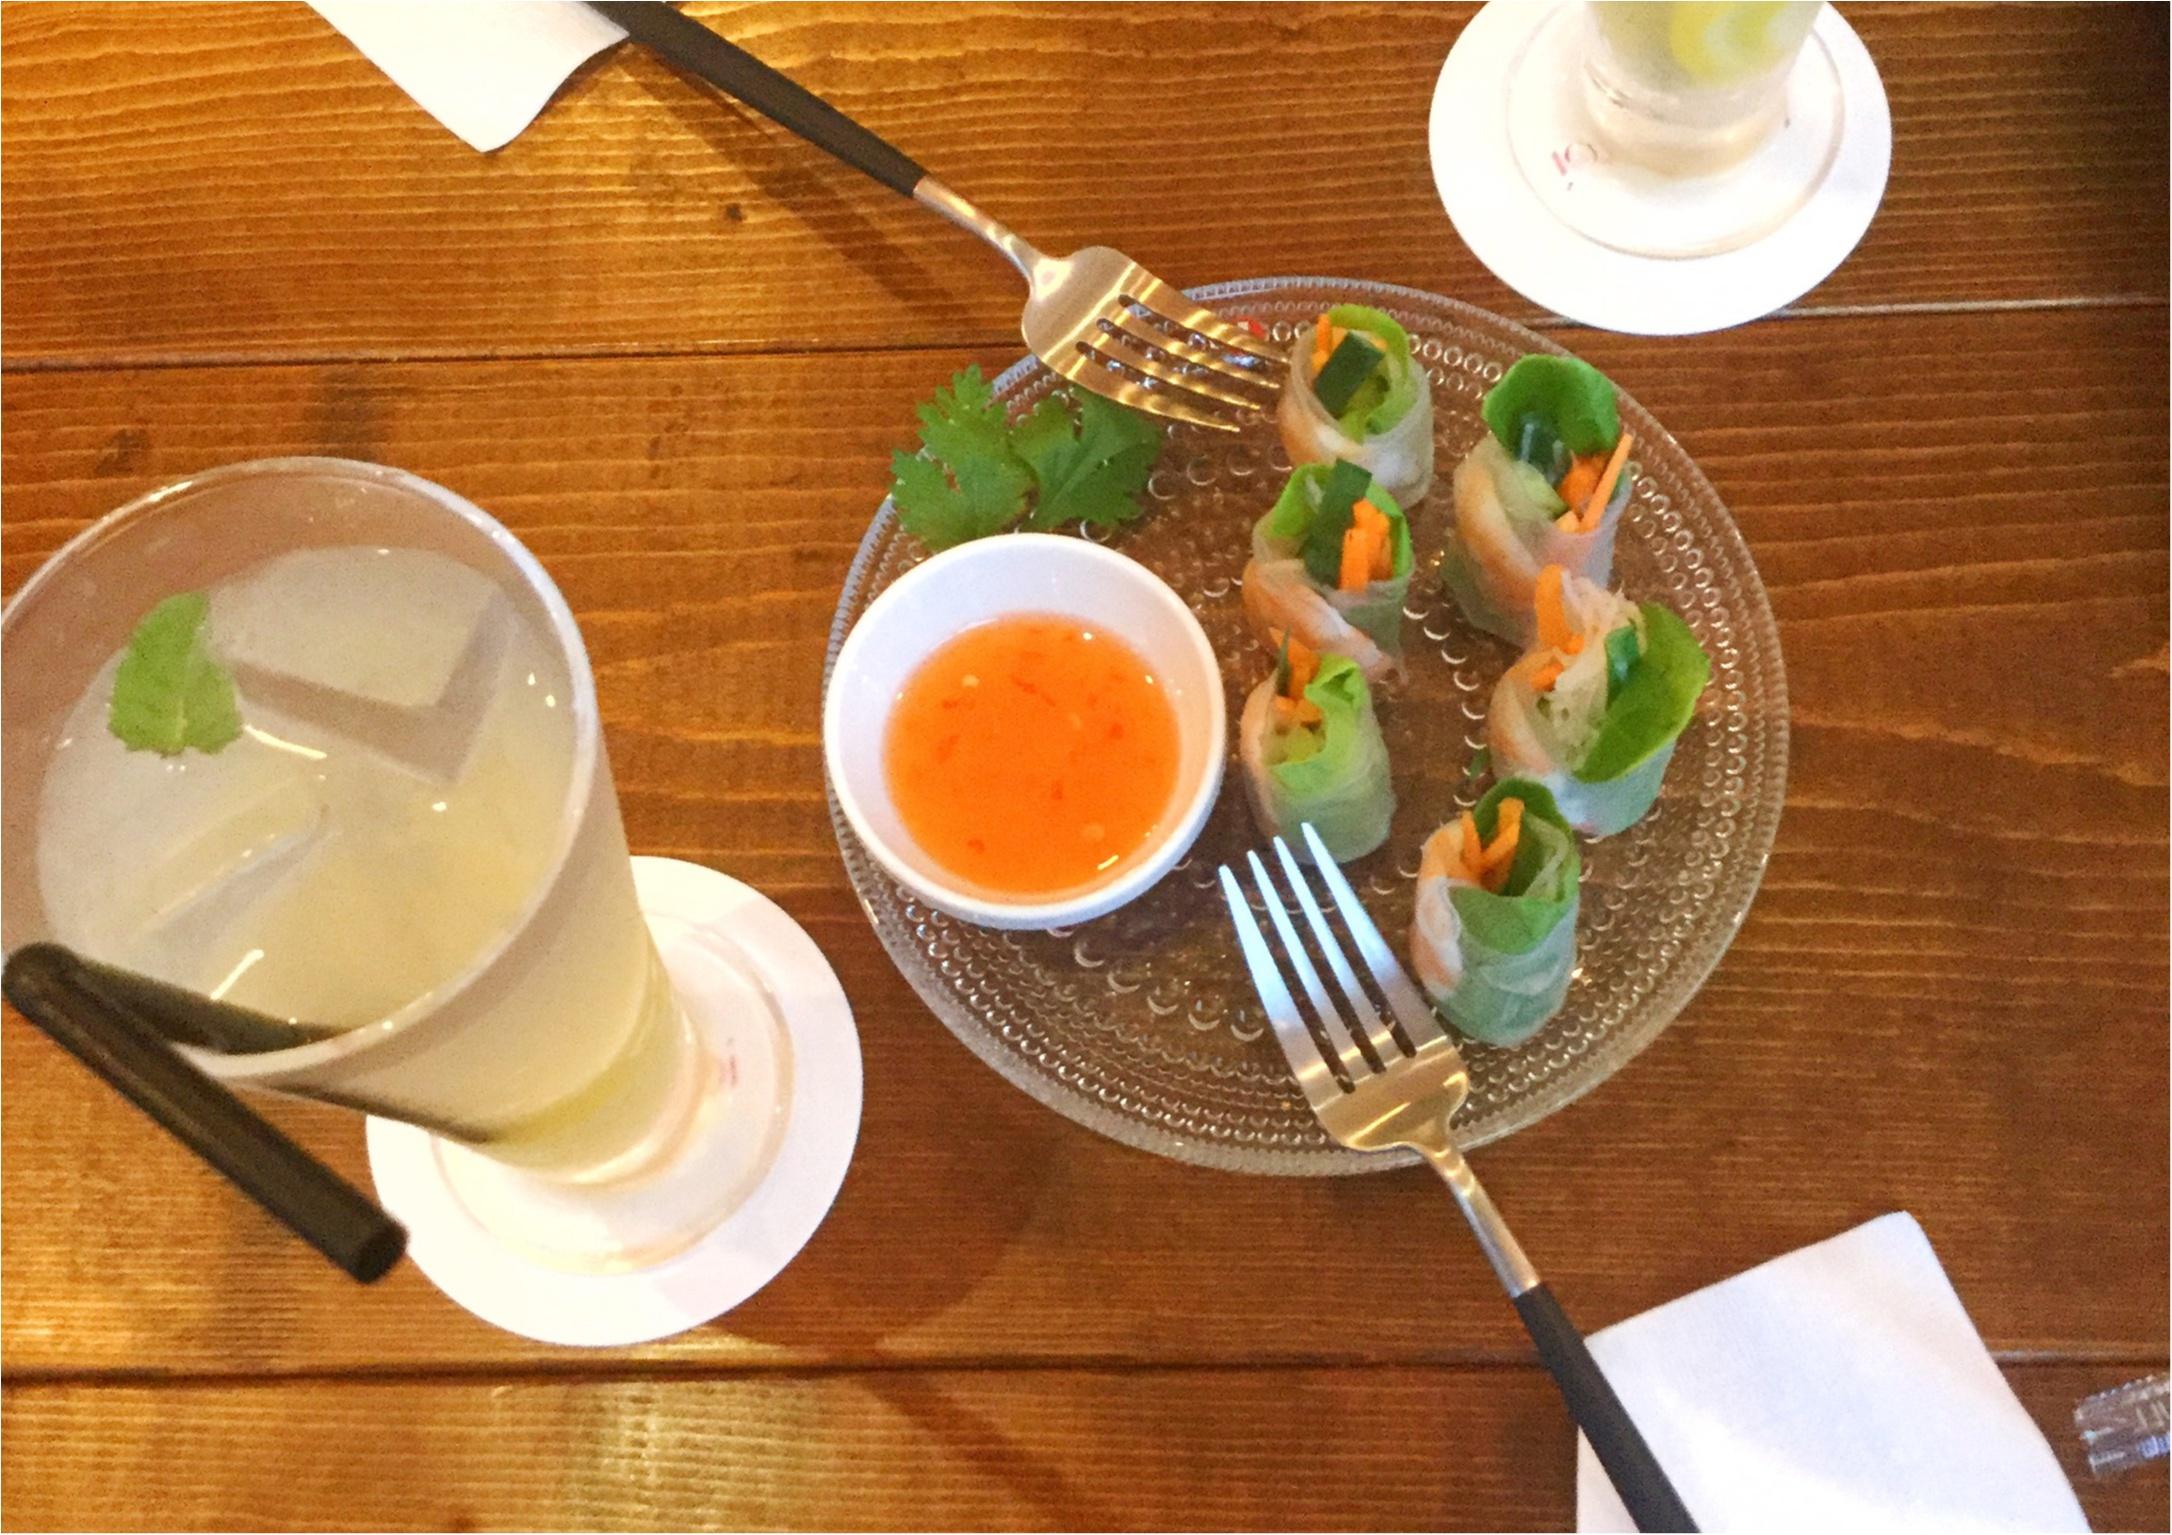 【美容食】ピンクカラーが映えるオシャレな空間のタイ料理専門店!《イム・アロイ》のヘルシーメニューで体の中から綺麗になりませんか❤️_4